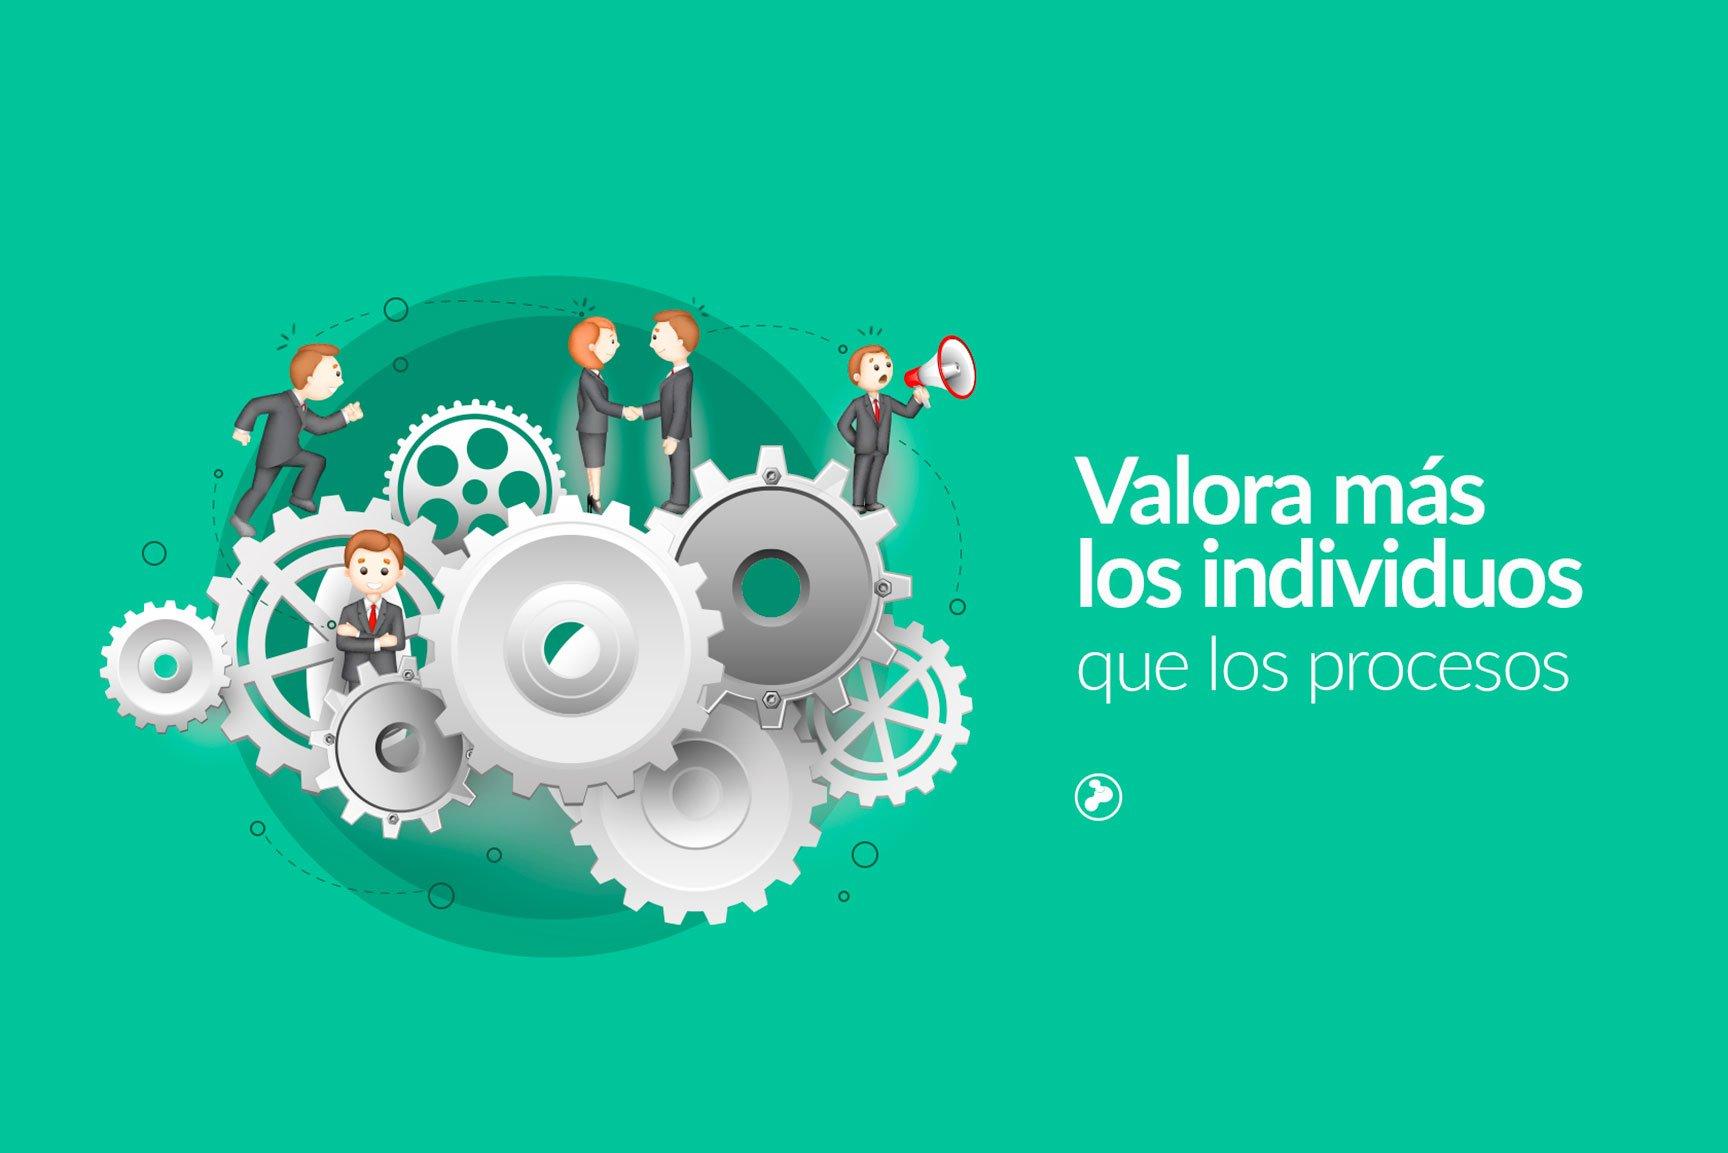 h_valorar_a_los_individuos_y_a_su_interaccion_mas_que_a_los_procesos_y_a_las_herramientas.jpg